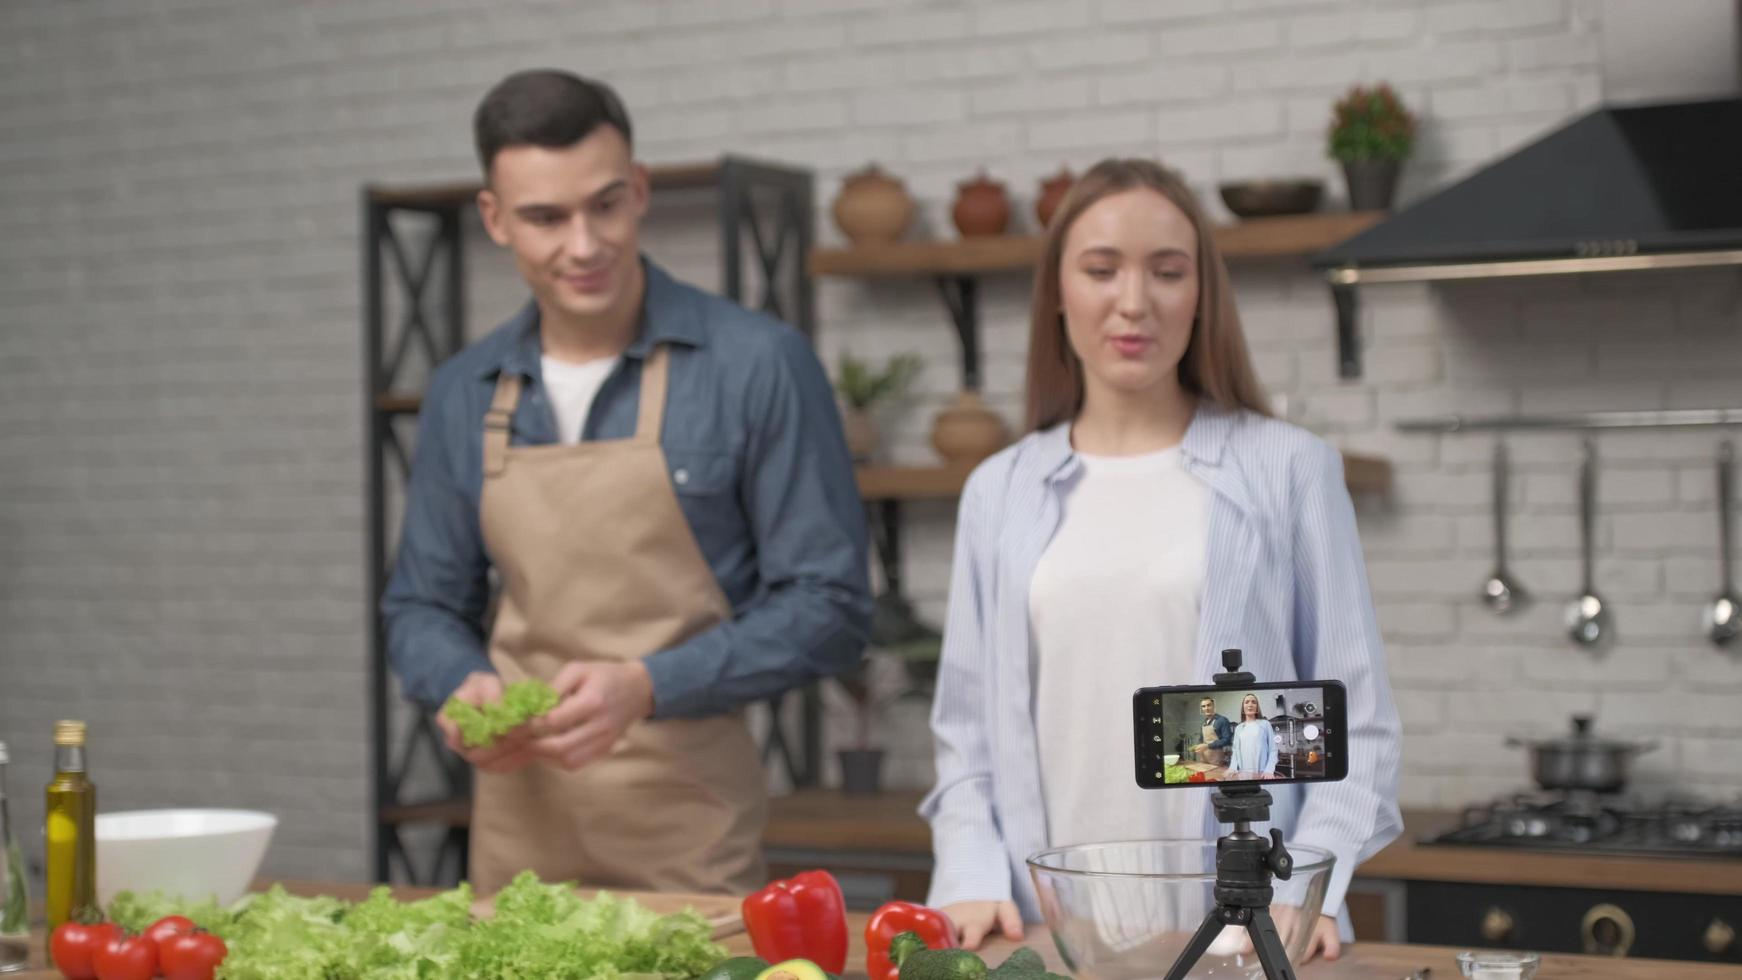 Pareja joven cocinando juntos y grabando video blog de comida en la cámara en la cocina de casa foto